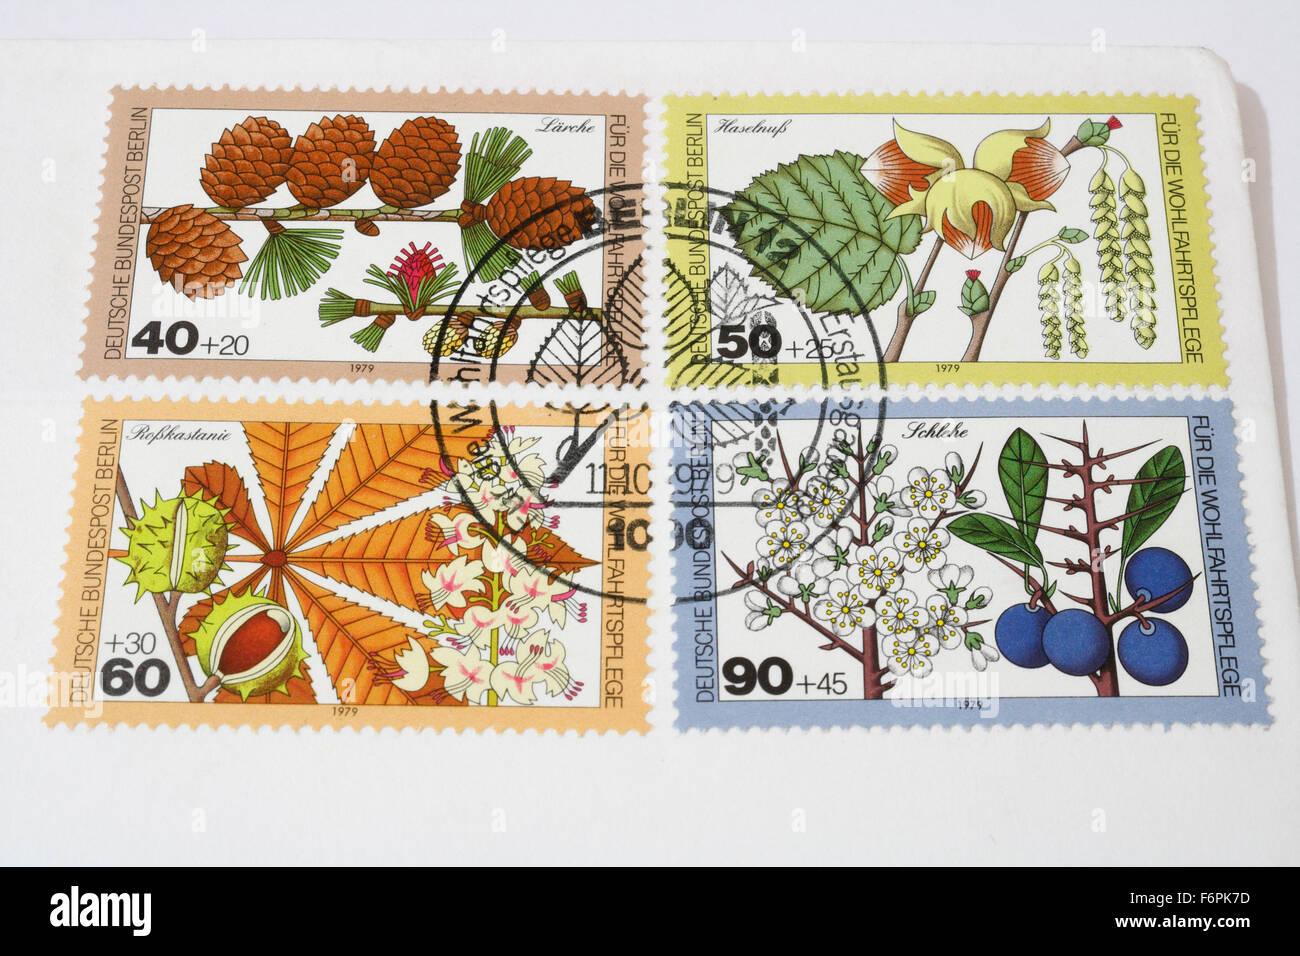 Ersten Tag Deutsche Deutsche Bundespost Berlin Briefmarken Von 1979